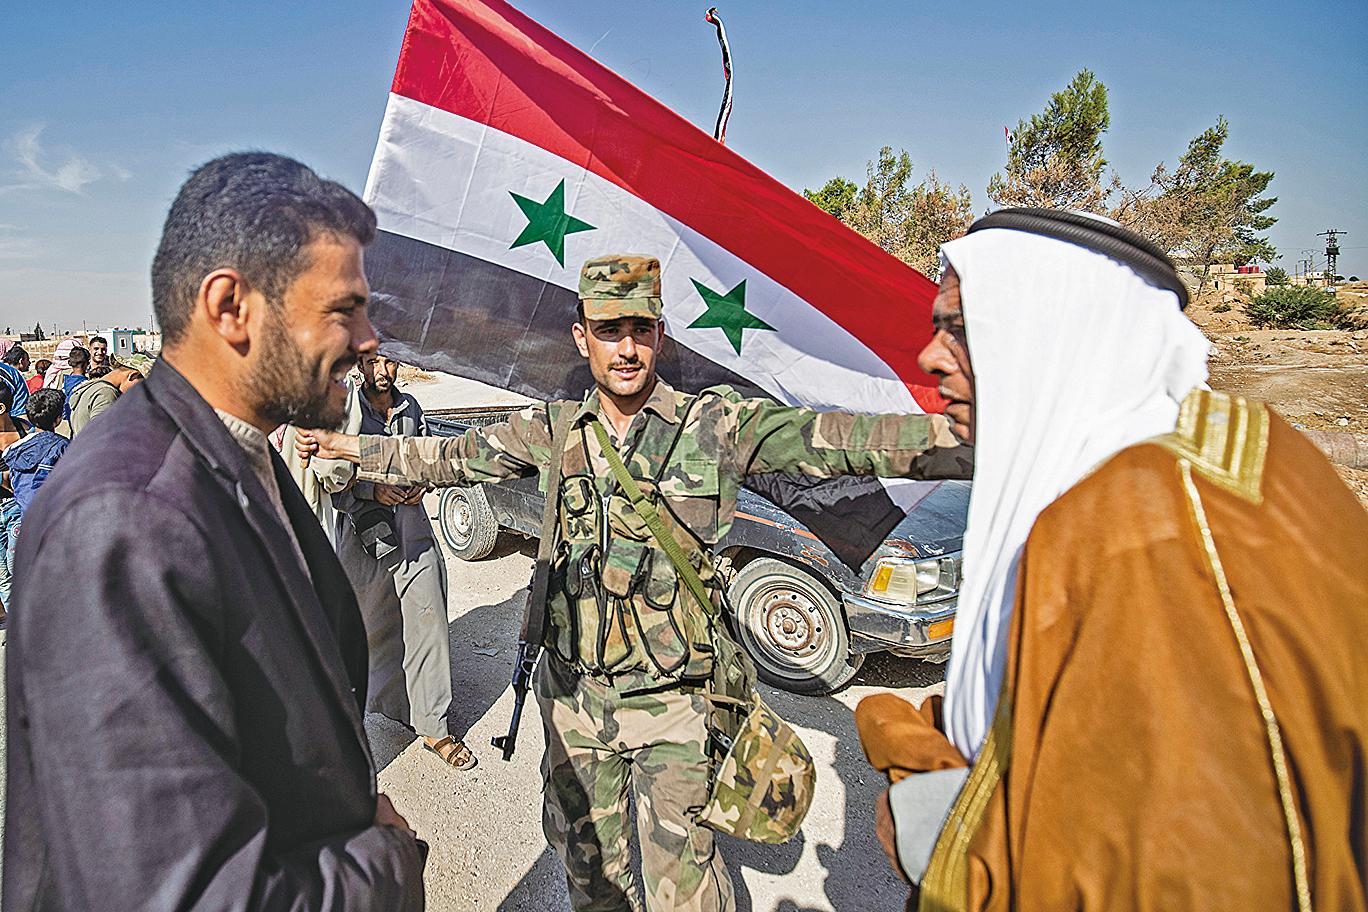 10月14日,敘利亞政府軍到達位於該國東北部Hasakeh的Tal Tamr鎮時受到當地居民歡迎。(AFP)